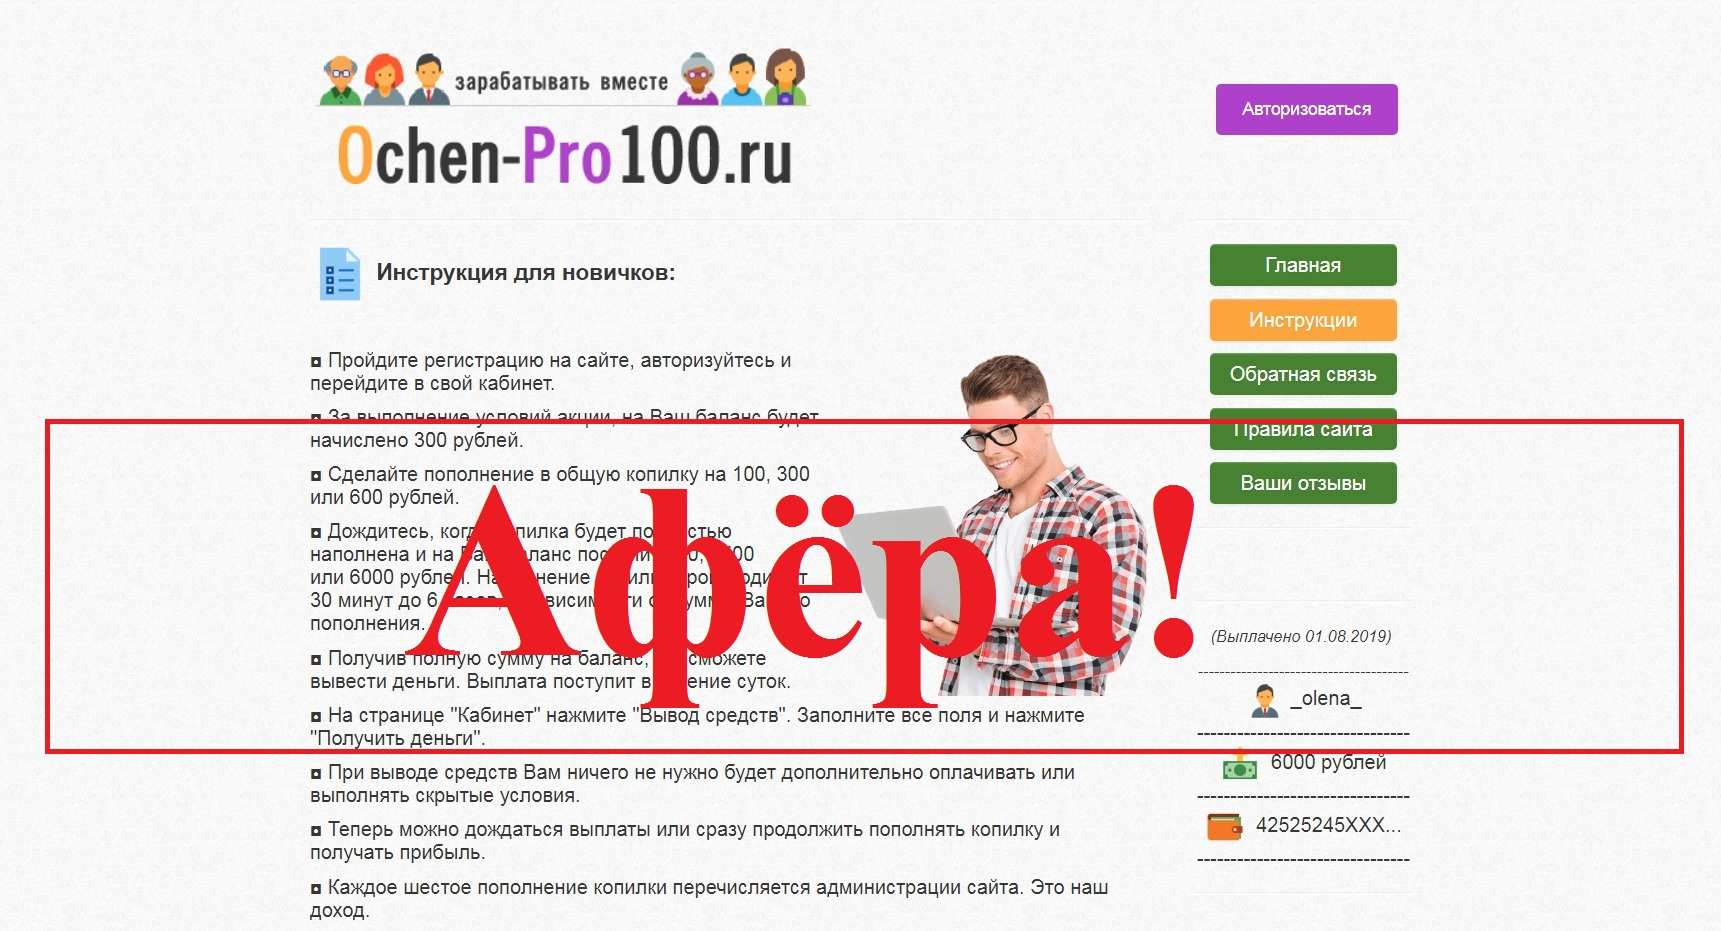 Ochen-Pro100 – реальные отзывы